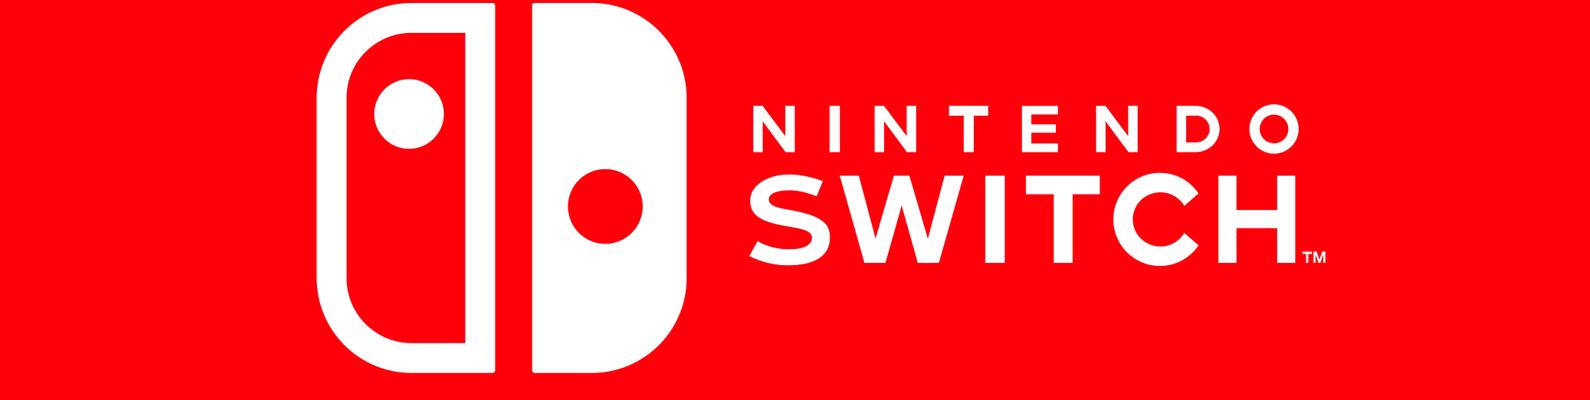 Nintendo: Аксессуары